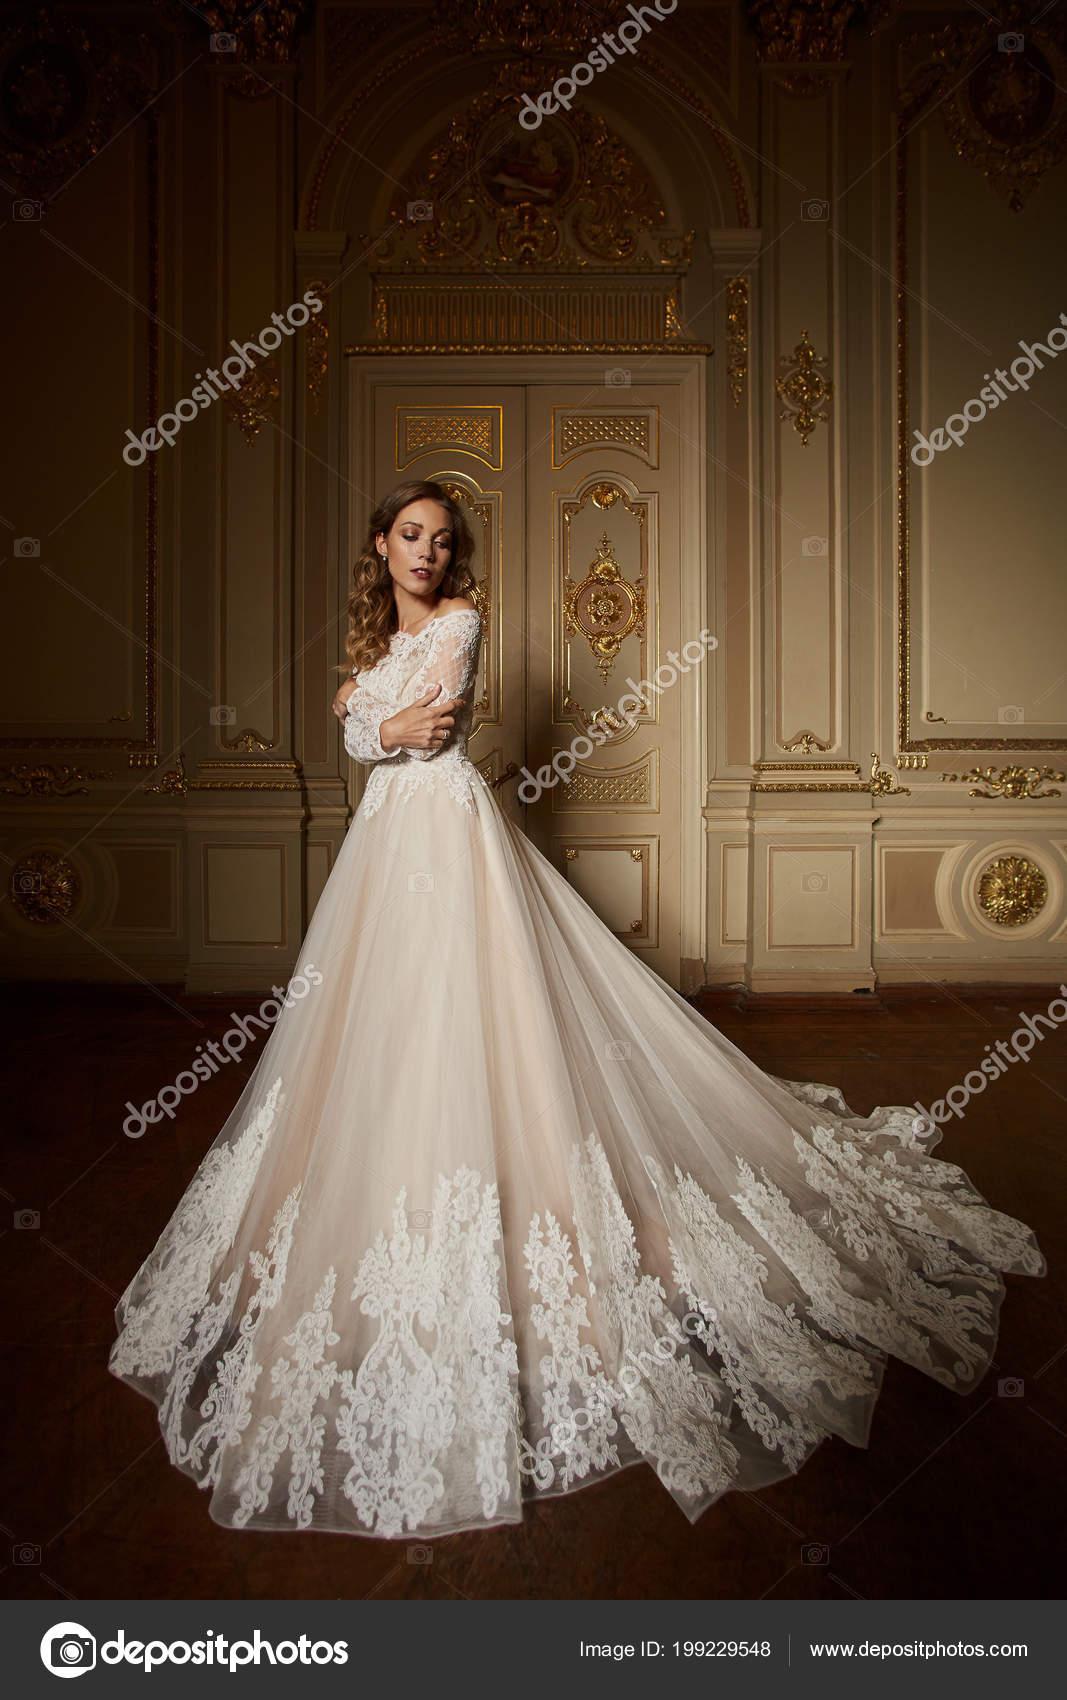 super popular 5f444 d4c25 Moda ritratto di bella donna in vestito elegante lungo ...